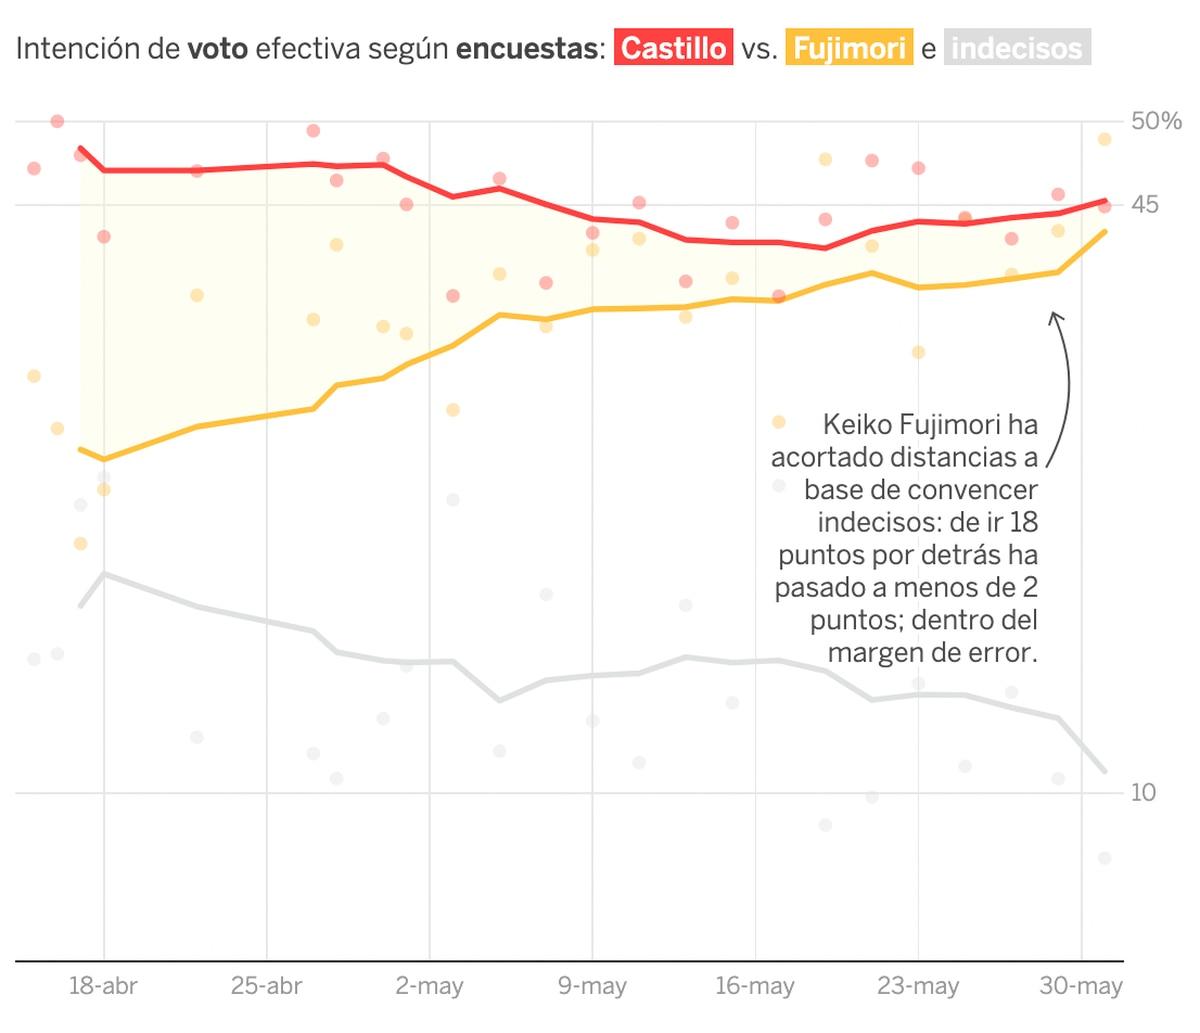 Elecciones de Perú: Fujimori acorta distancias y se acerca a Pedro Castillo en las elecciones presidenciales de Perú    Internacional